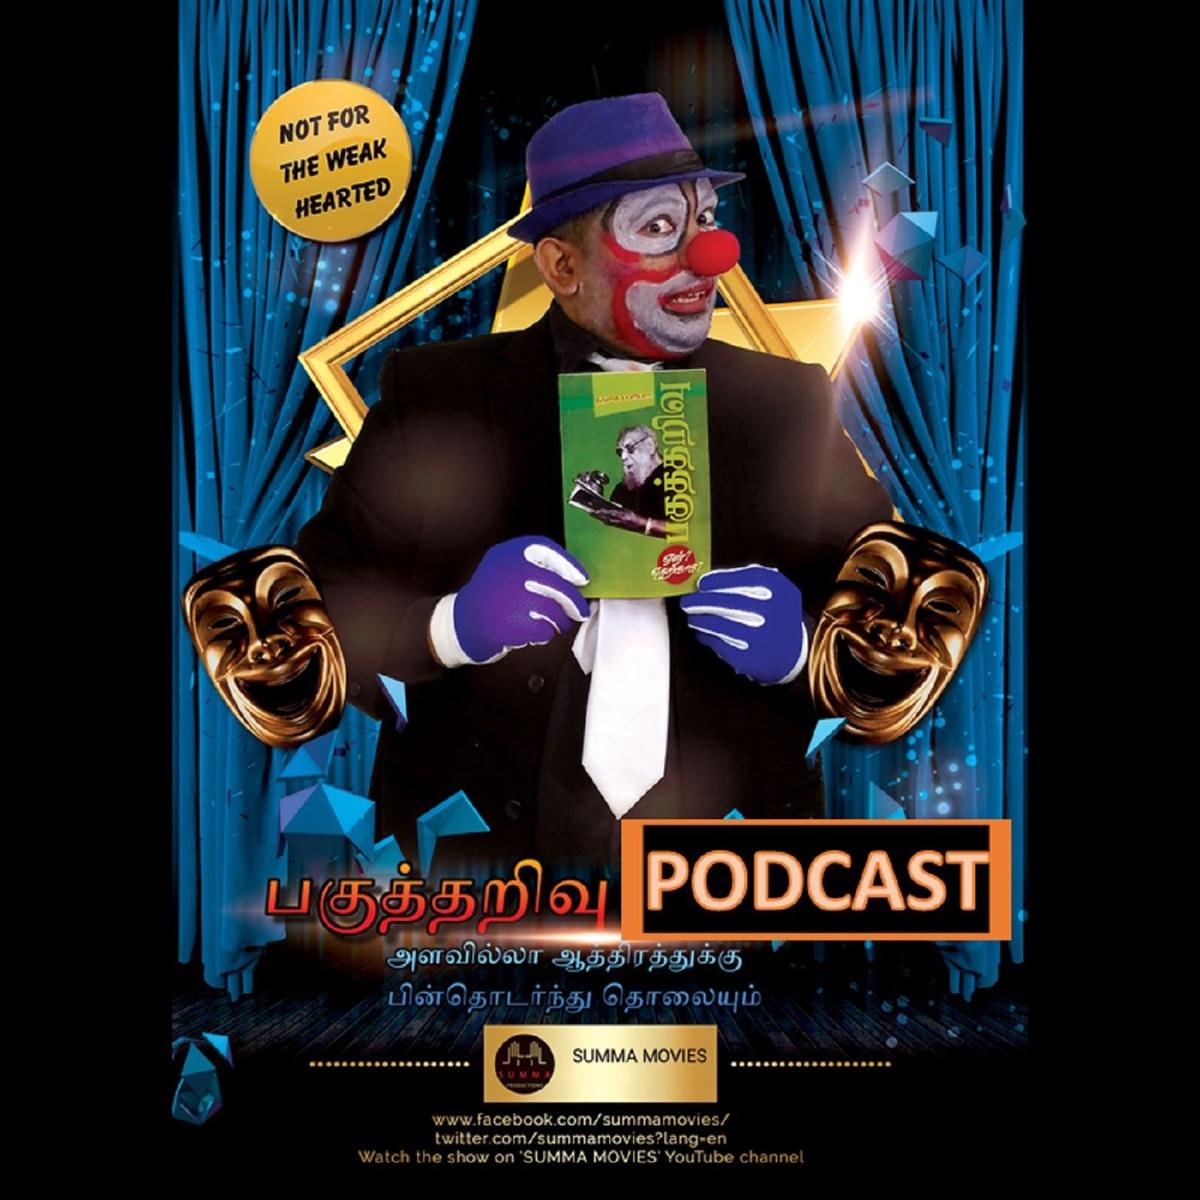 Pagutharivu Podcast   பகுத்தறிவு பாட்காஸ்ட்   Tamil Podcast